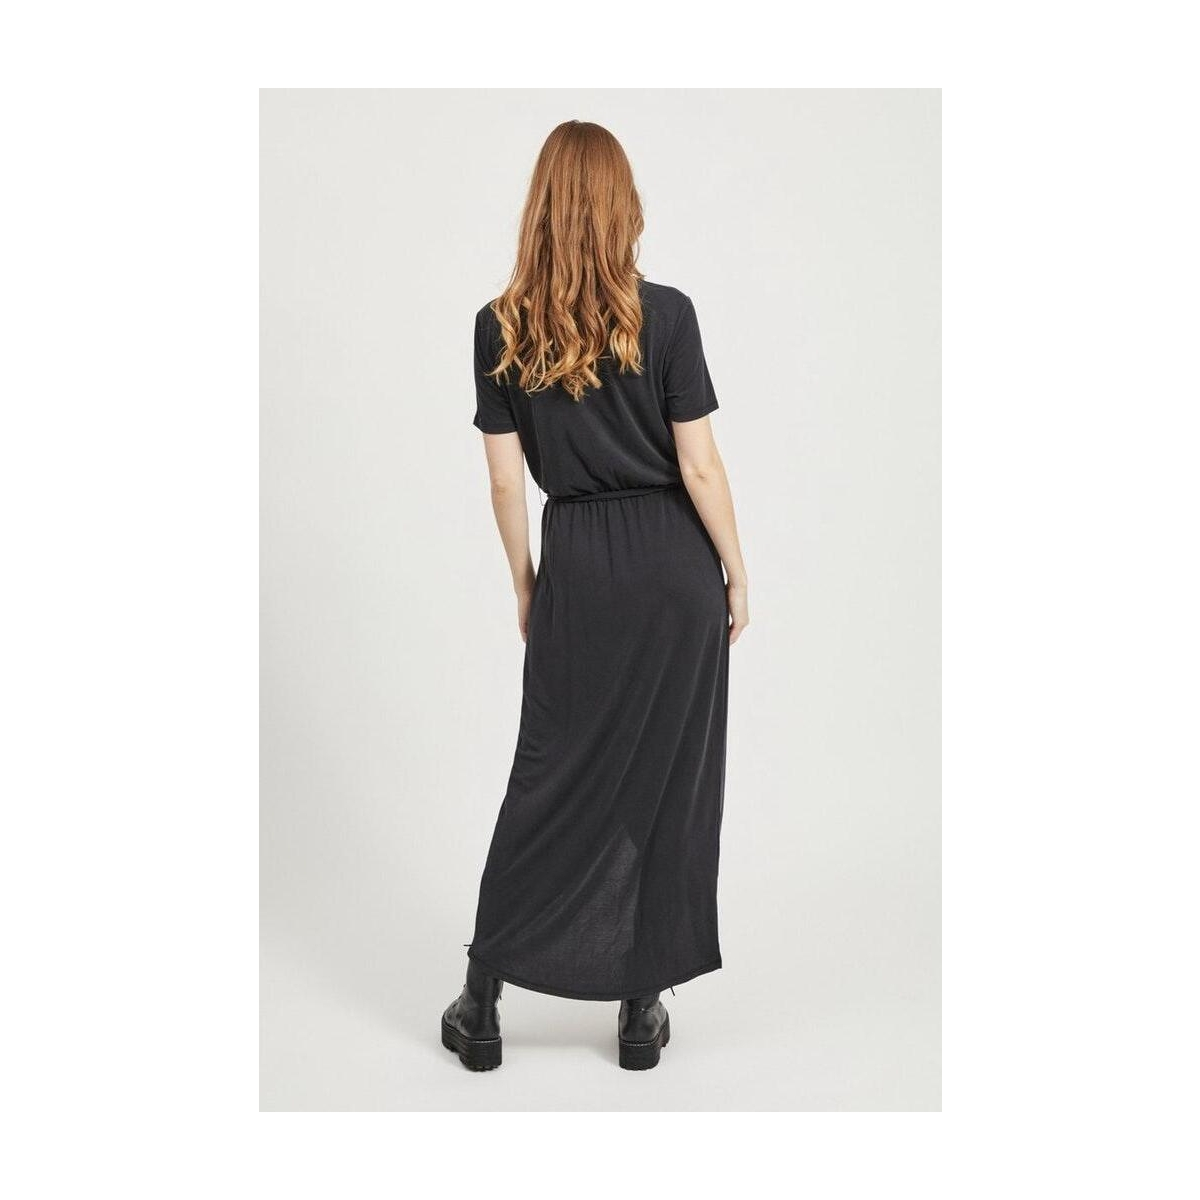 objannie nadia s/s dress noos 23031011 object jurk black